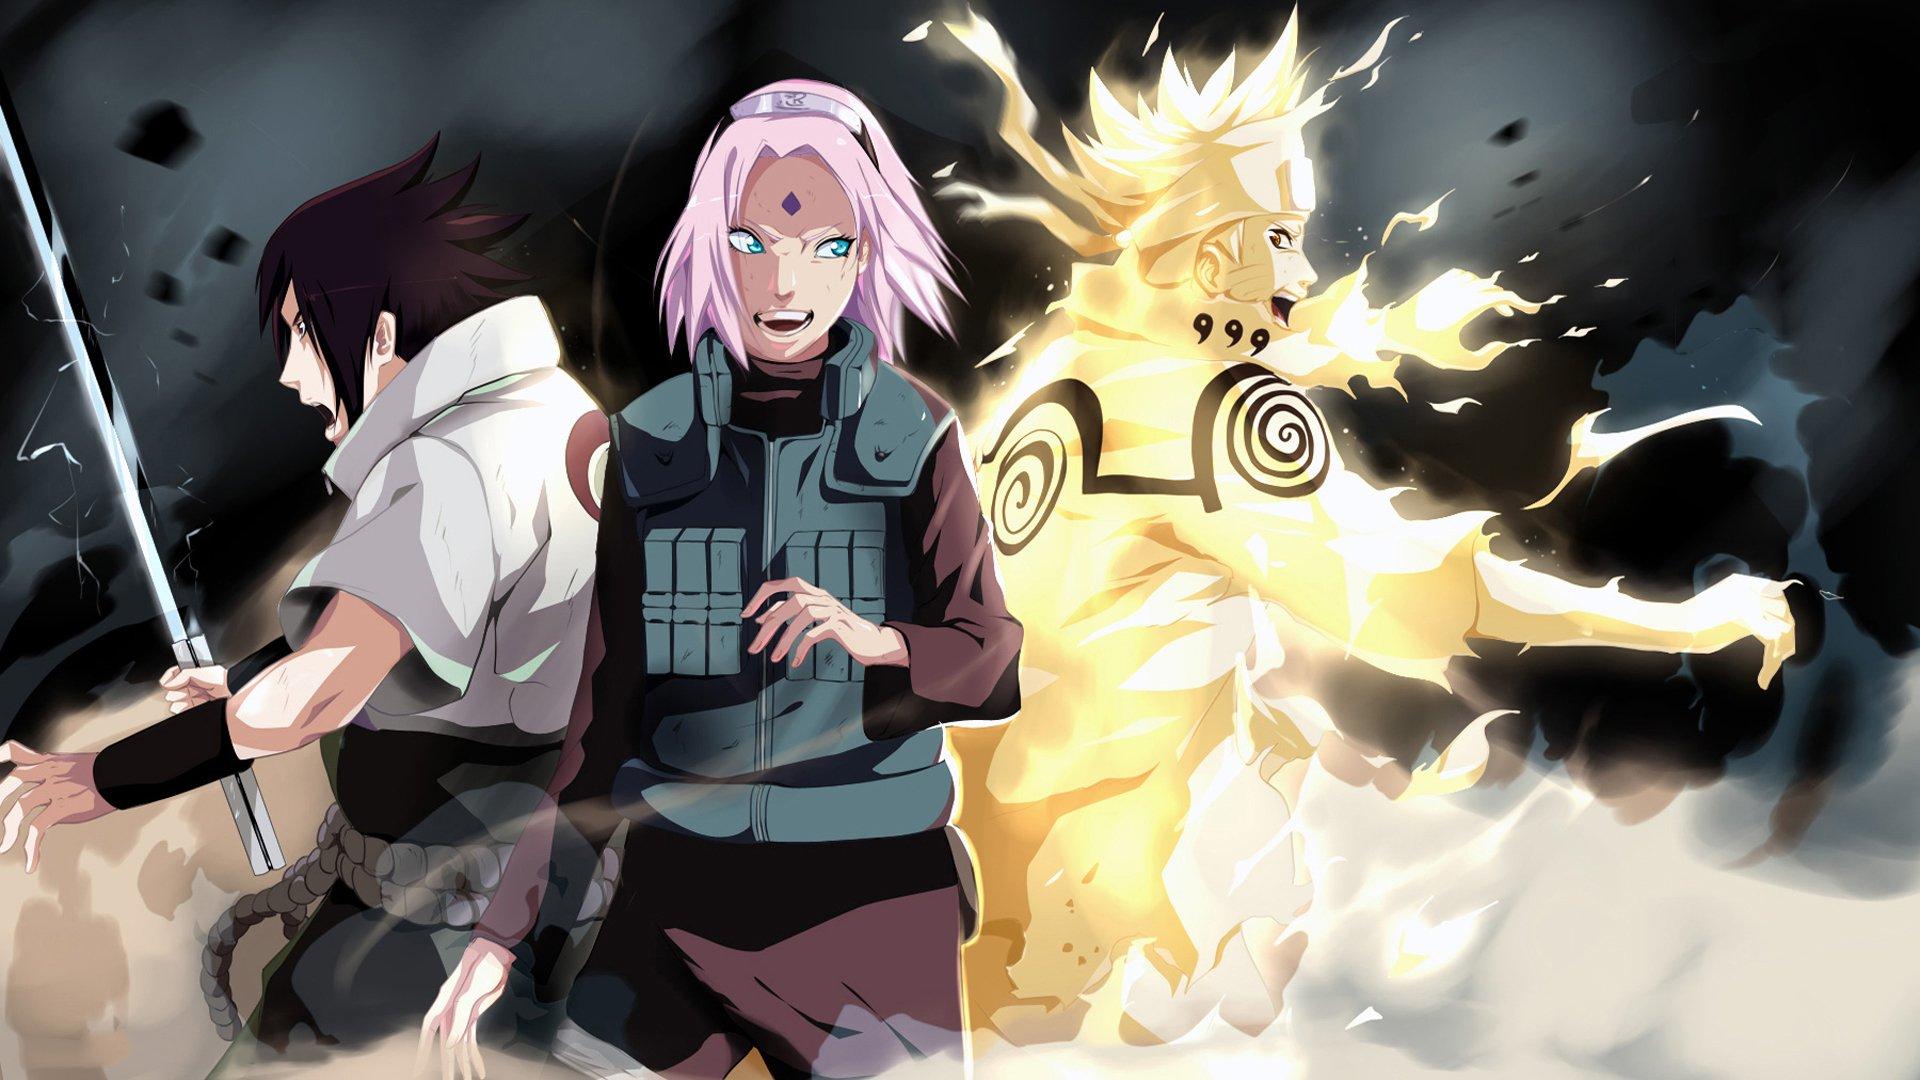 Team 7 SasukeSakura and Naruto HD Wallpaper Background